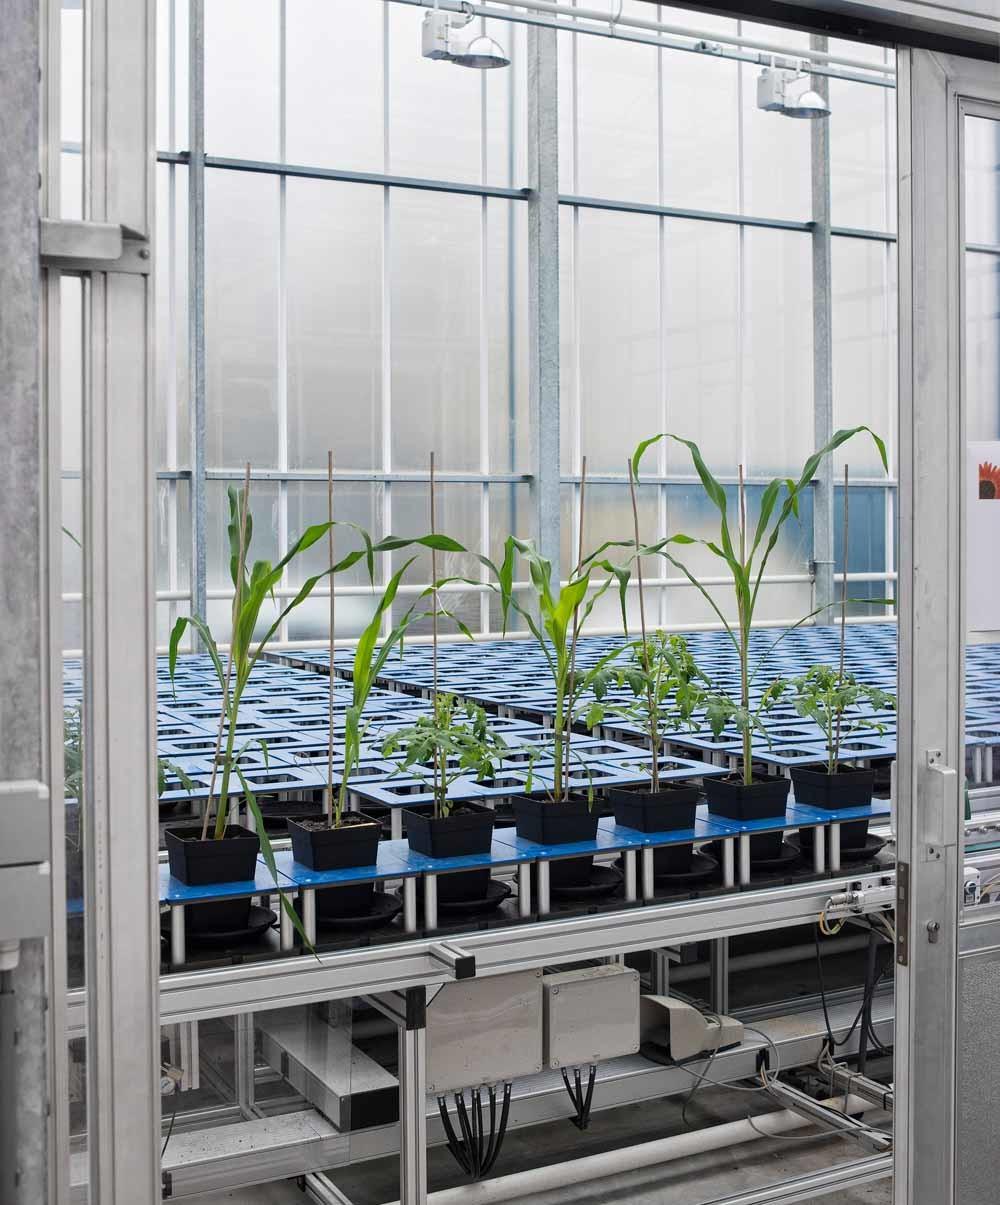 KeyGene, een Wagenings moleculaire geneticabedrijf dat zich bezighoudt met gewasverbetering. – © Patrick Post